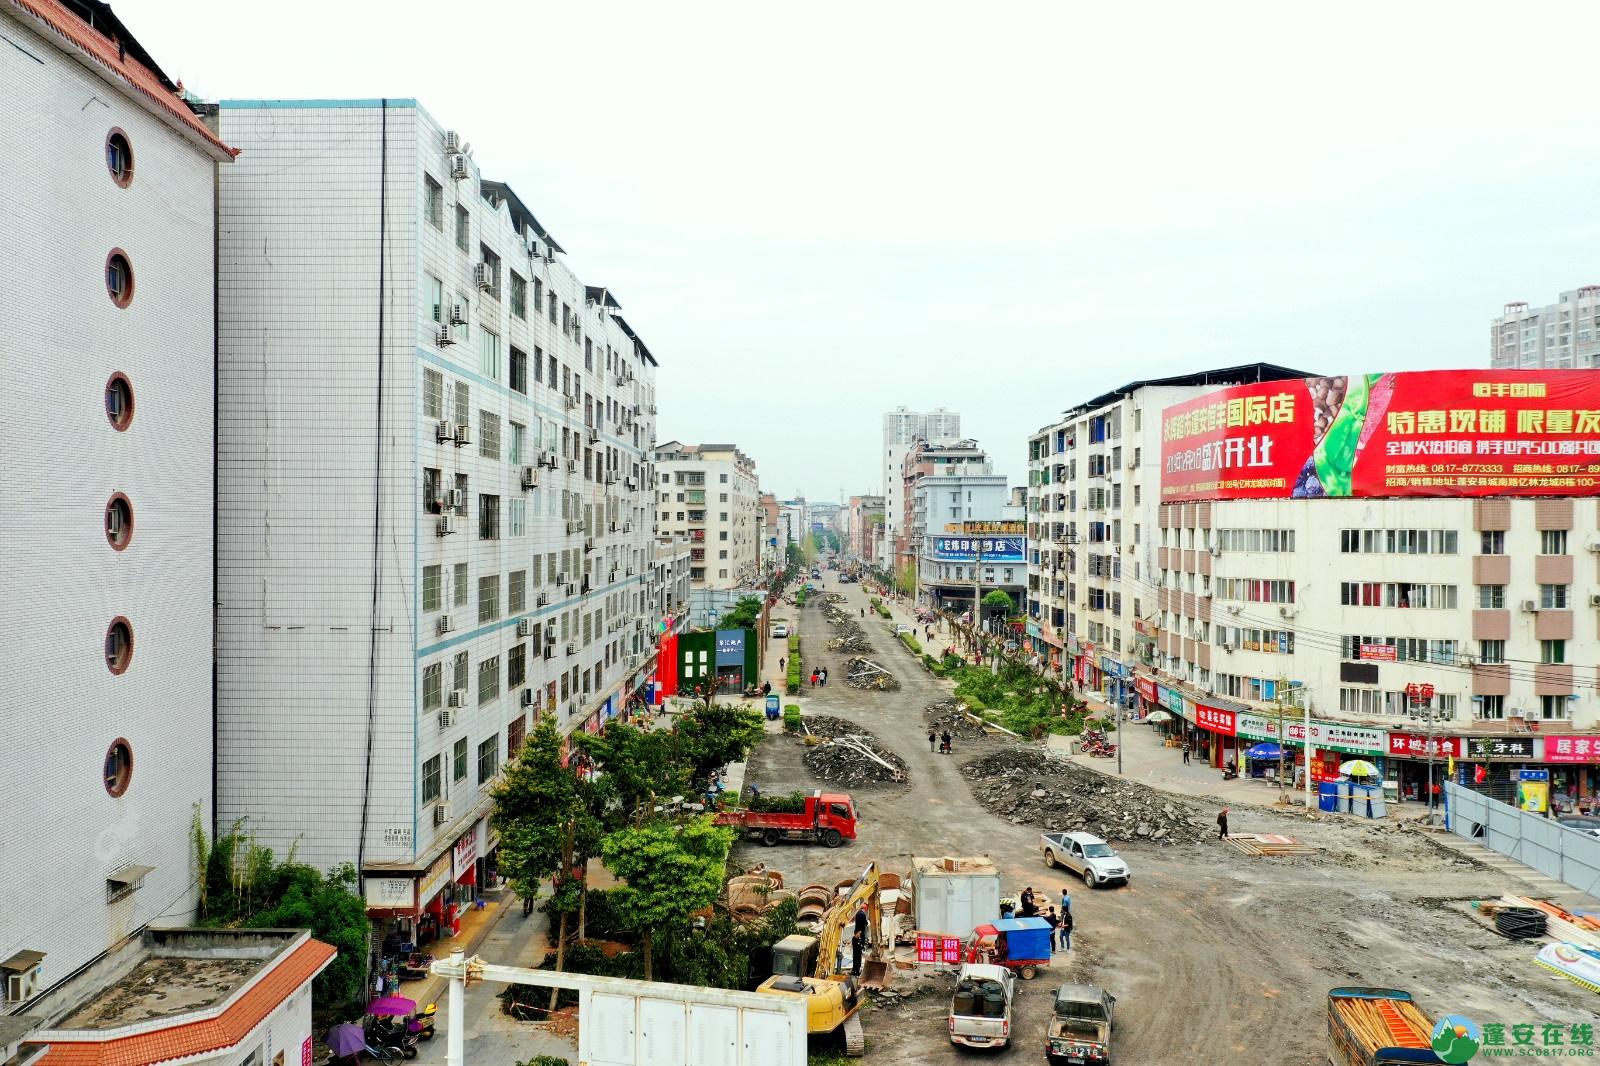 蓬安建设南路老旧街道小区美化改造(2020.3.22) - 第3张  | 蓬安在线